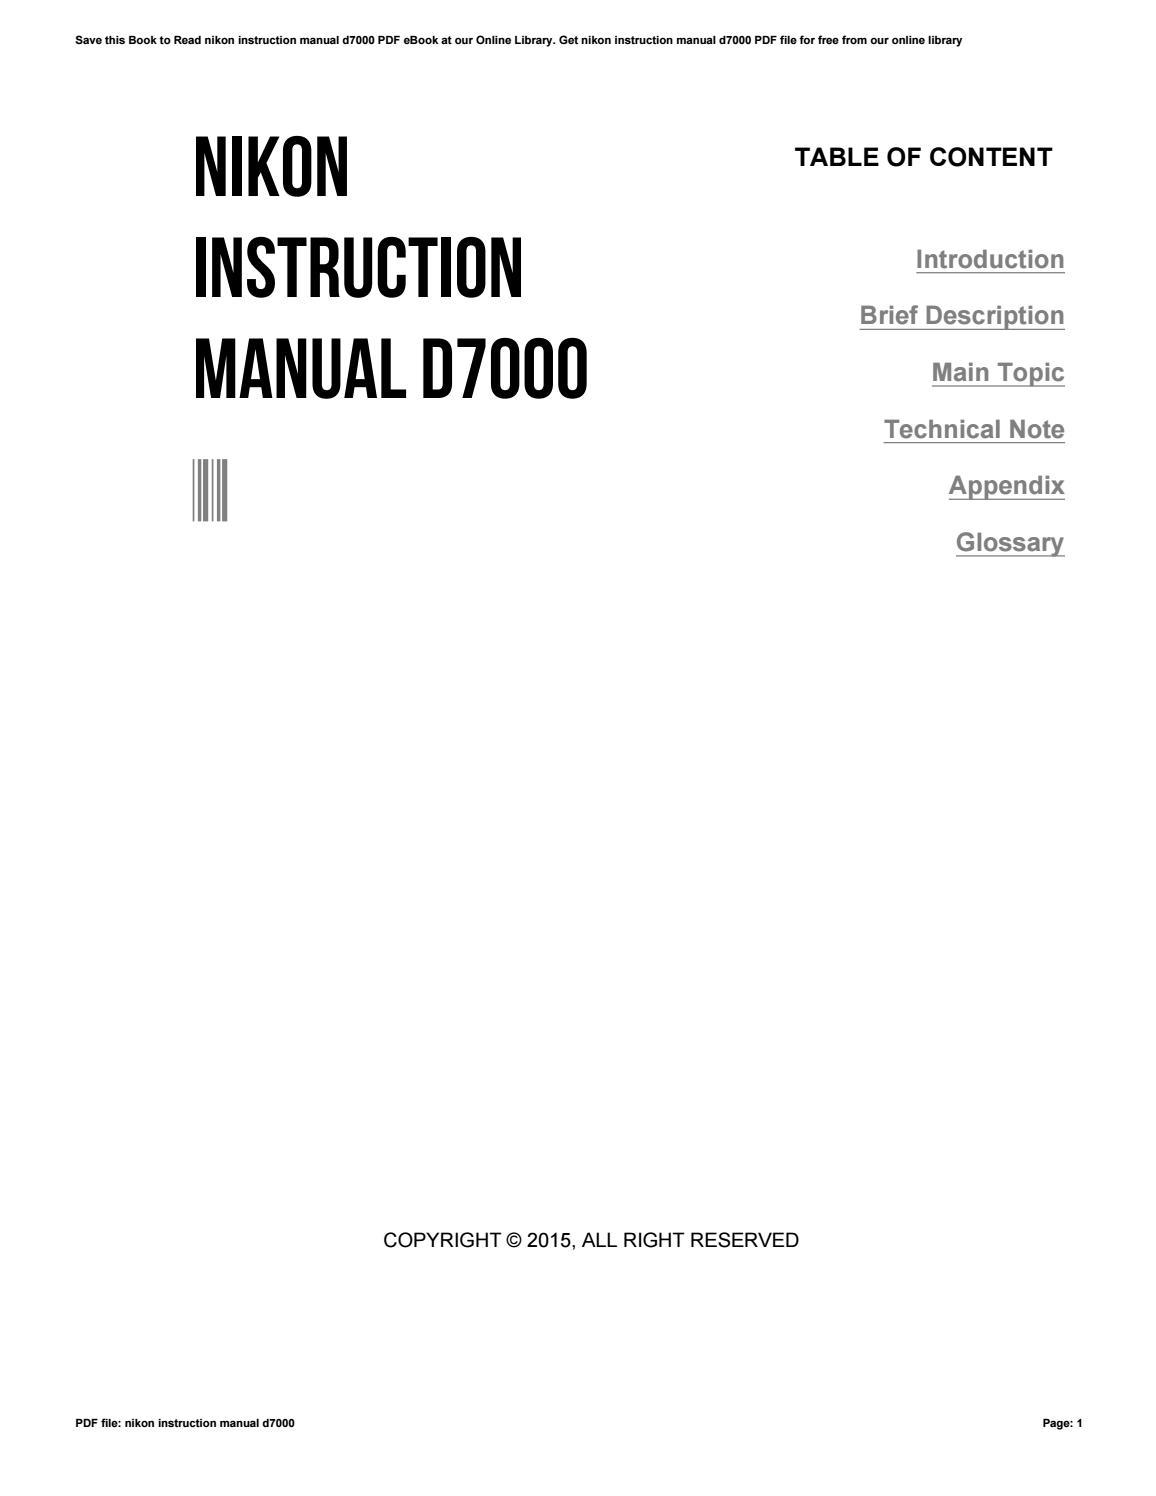 nikon instruction manual d7000 by aju024 issuu rh issuu com user manual d7000 pdf Nikon D7000 Accessories